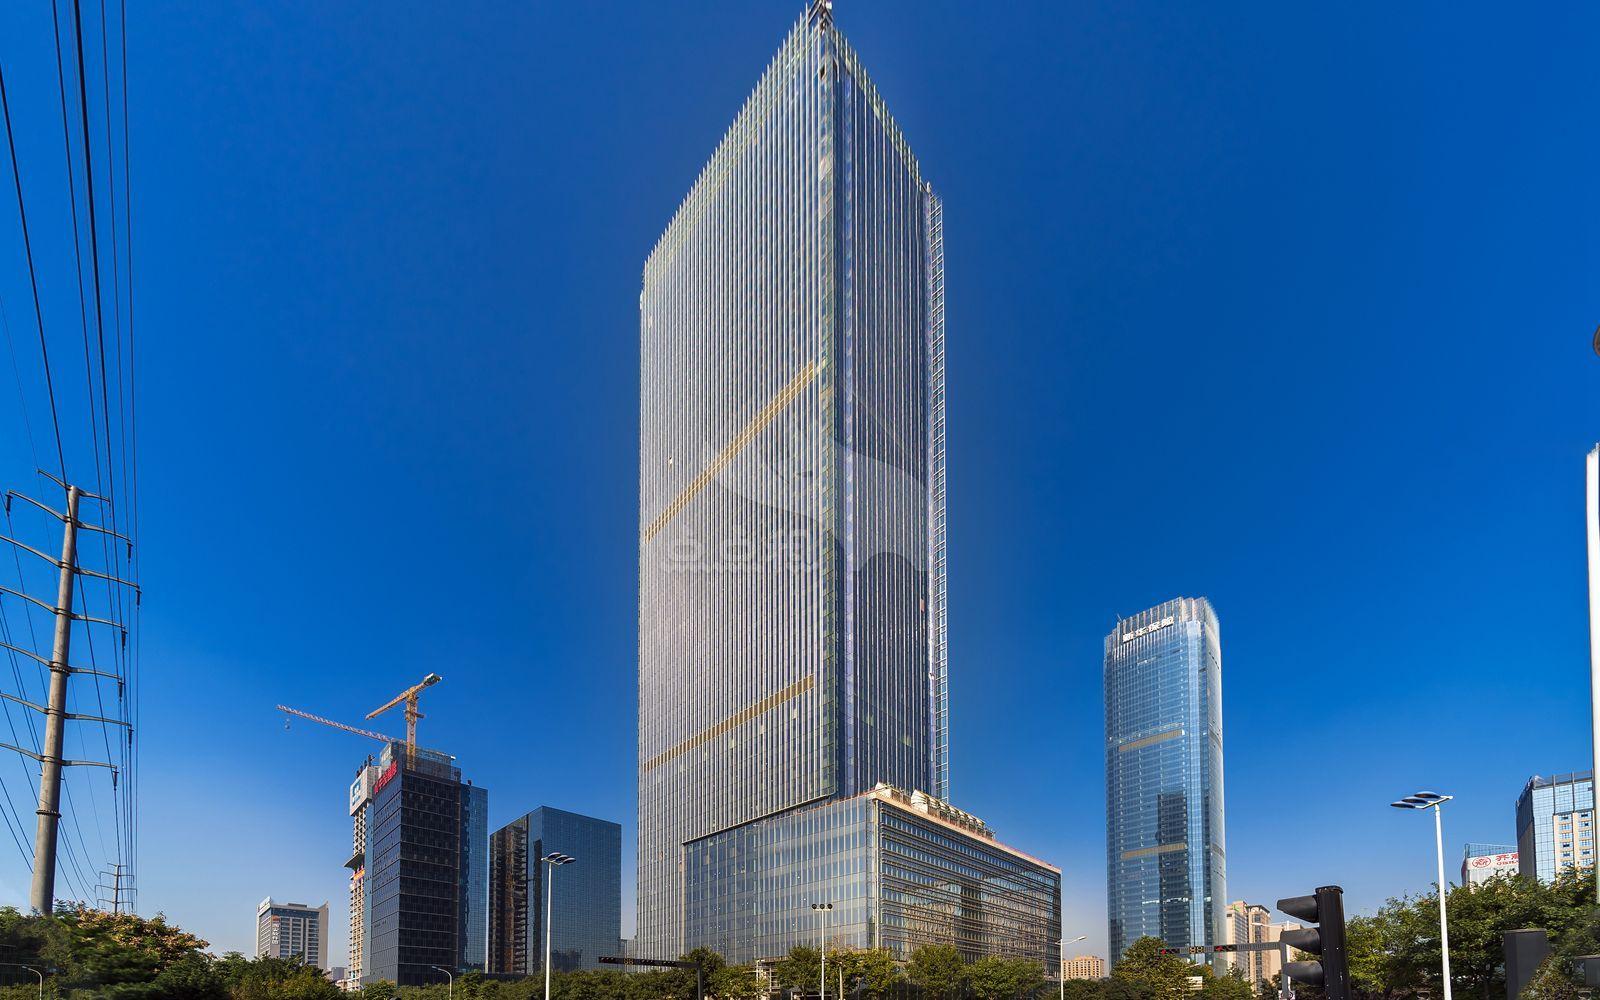 永利国际金融中心